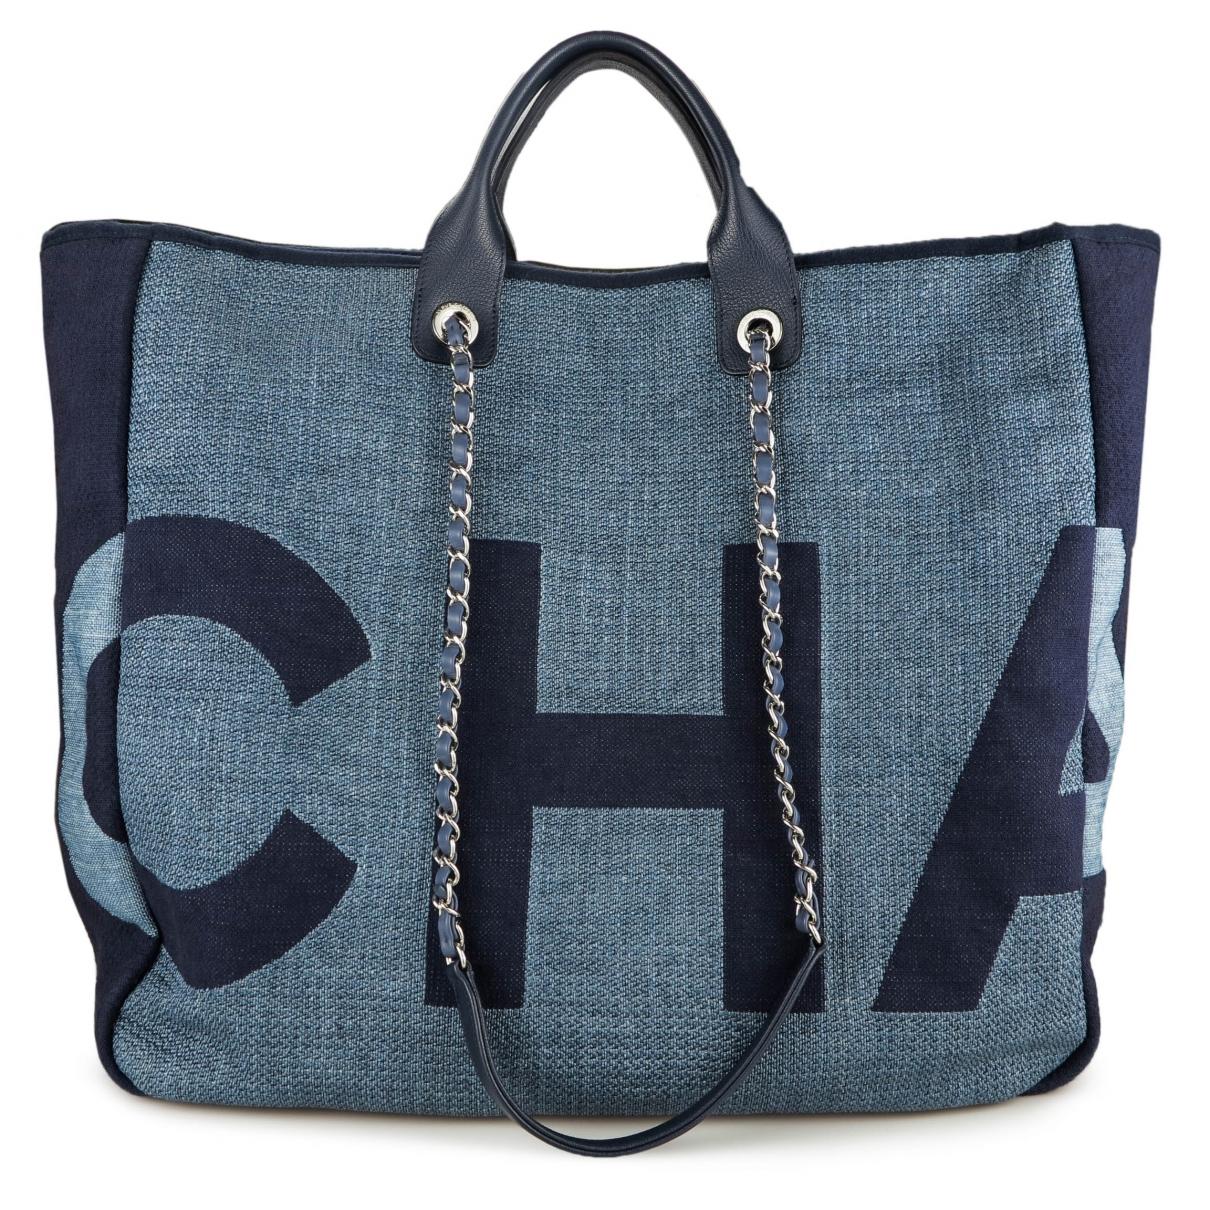 Chanel Deauville Handtasche in  Blau Leinen